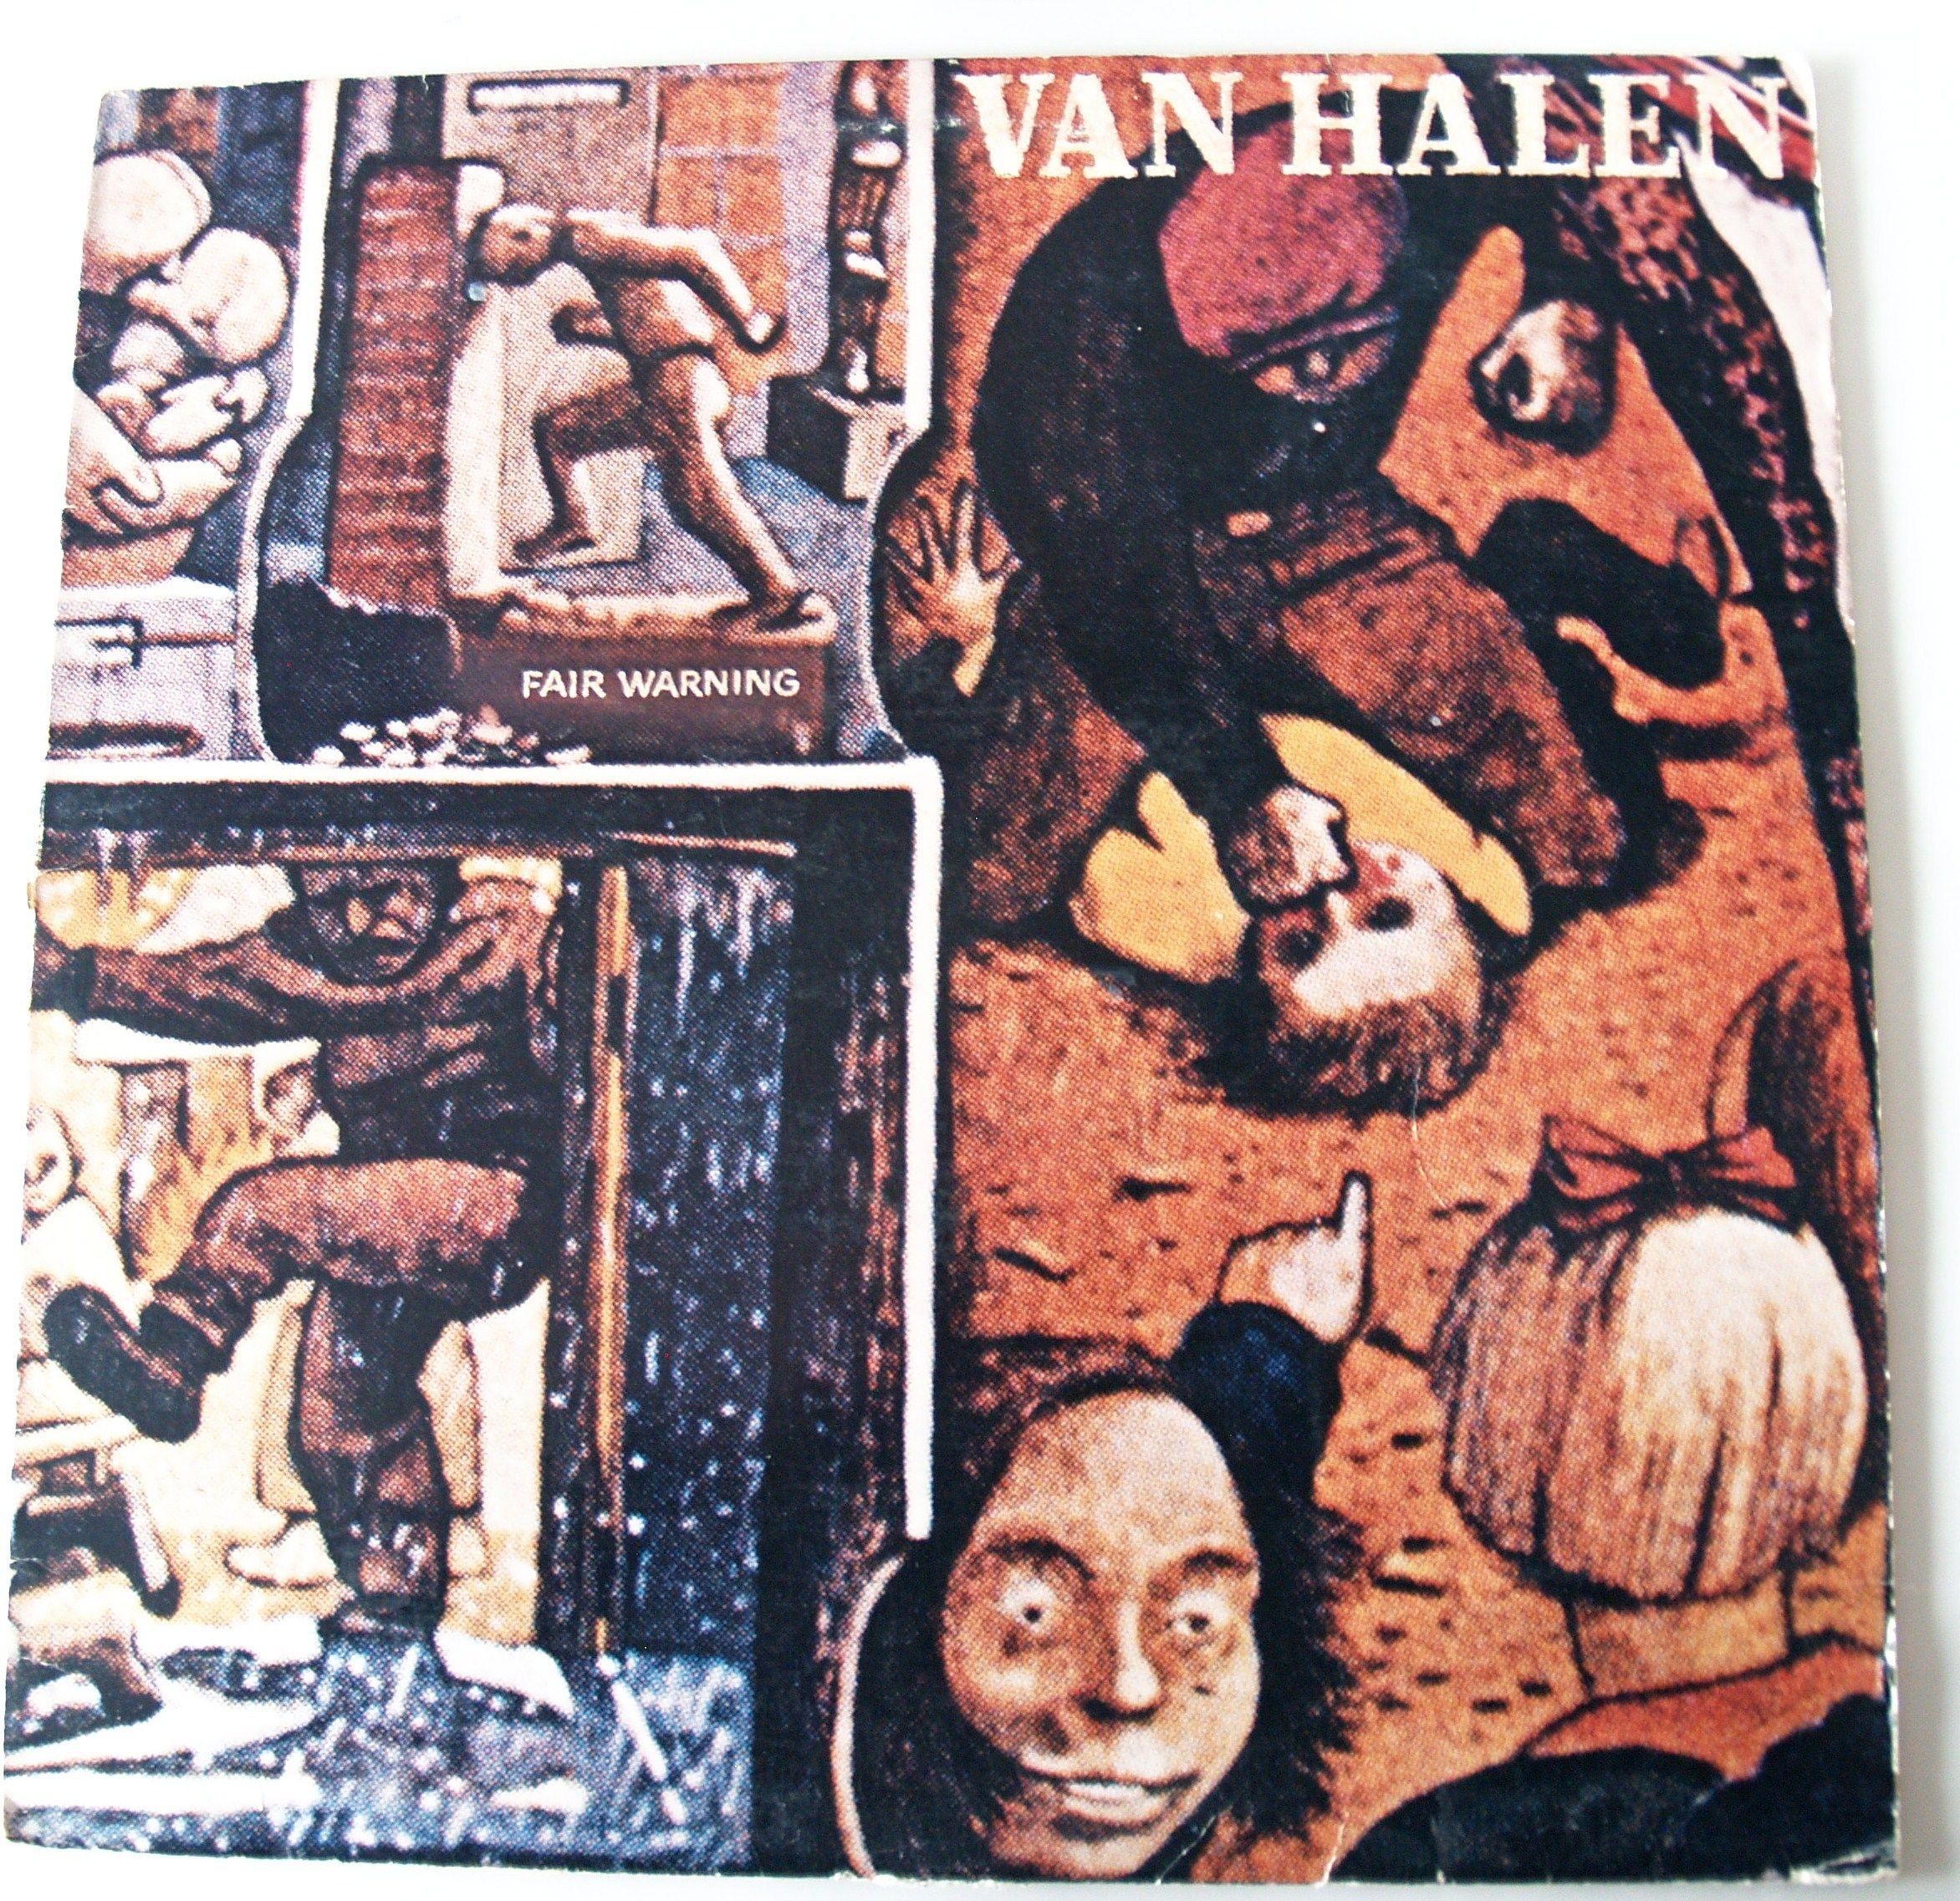 Van Halen Fair Warning Van Halen Fair Warning Album Cover Art Van Halen